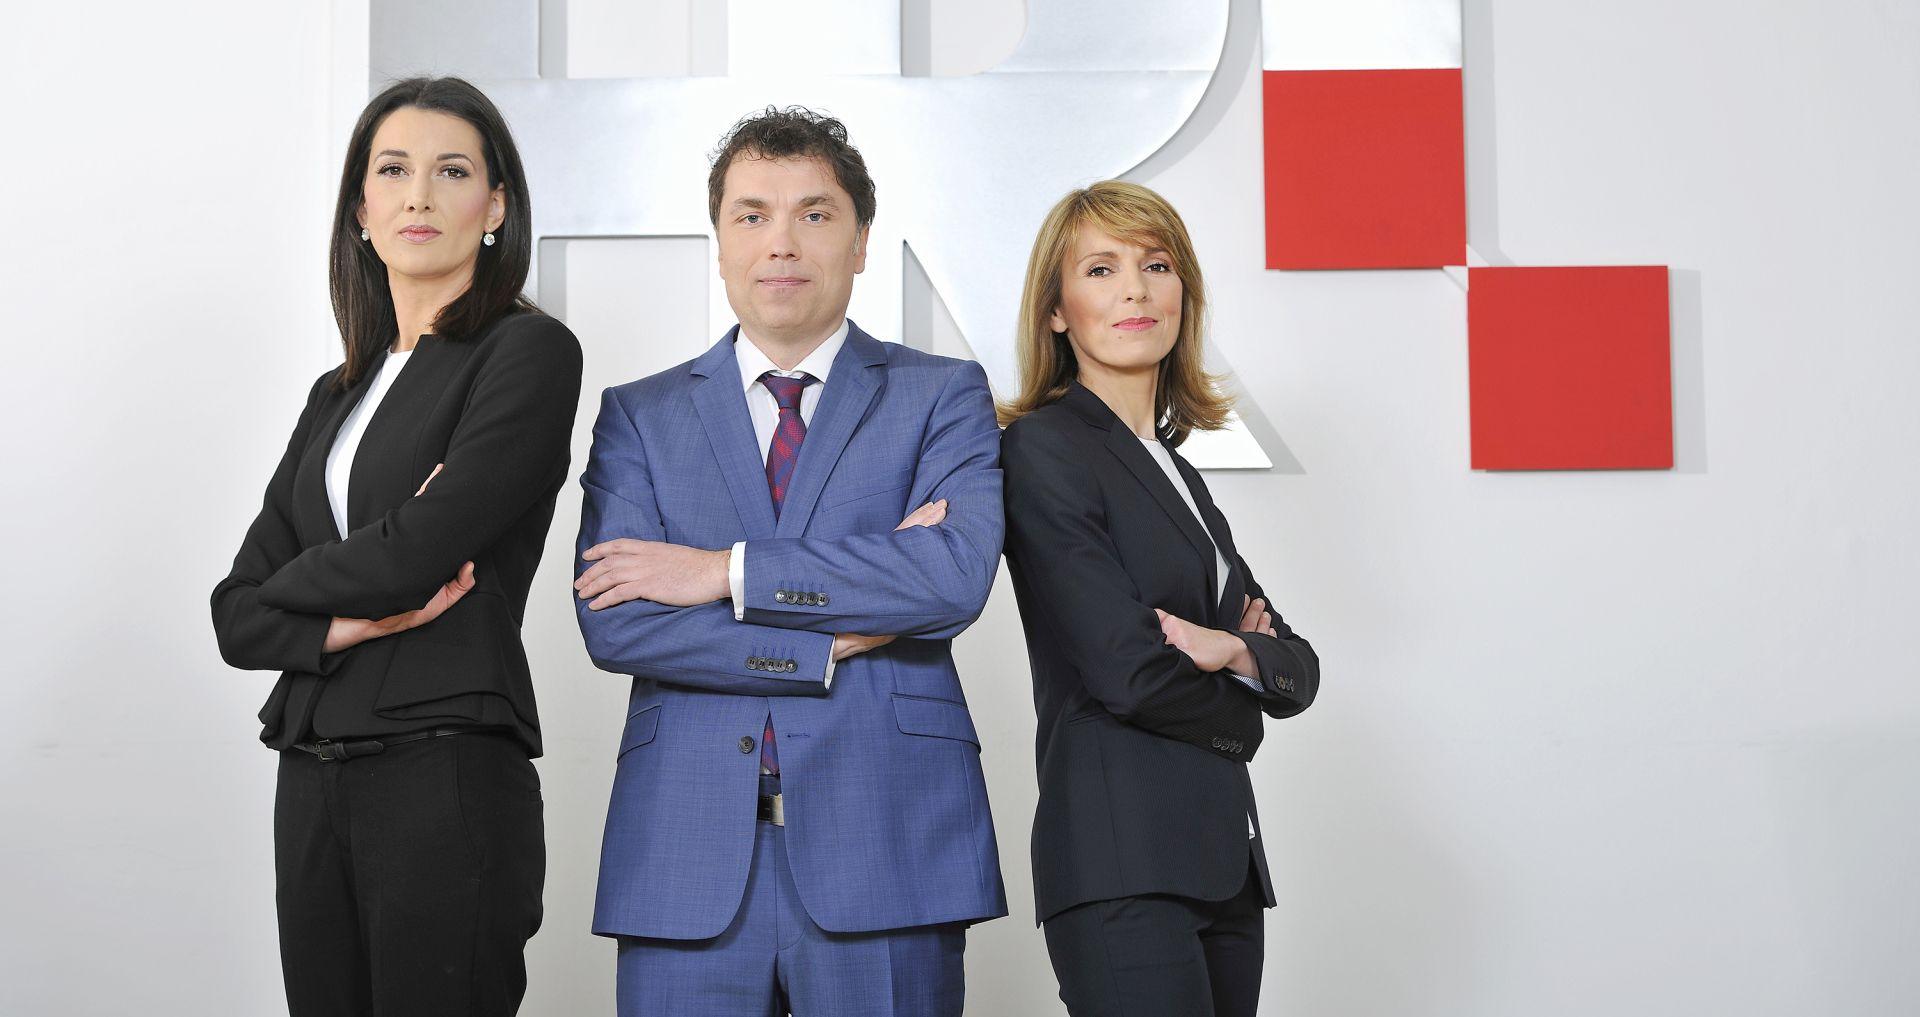 NOVI VODITELJI: HRT ukida voditeljski par Dnevnika, Vijesti iz kulture vraća s Četvrtog na Prvi program